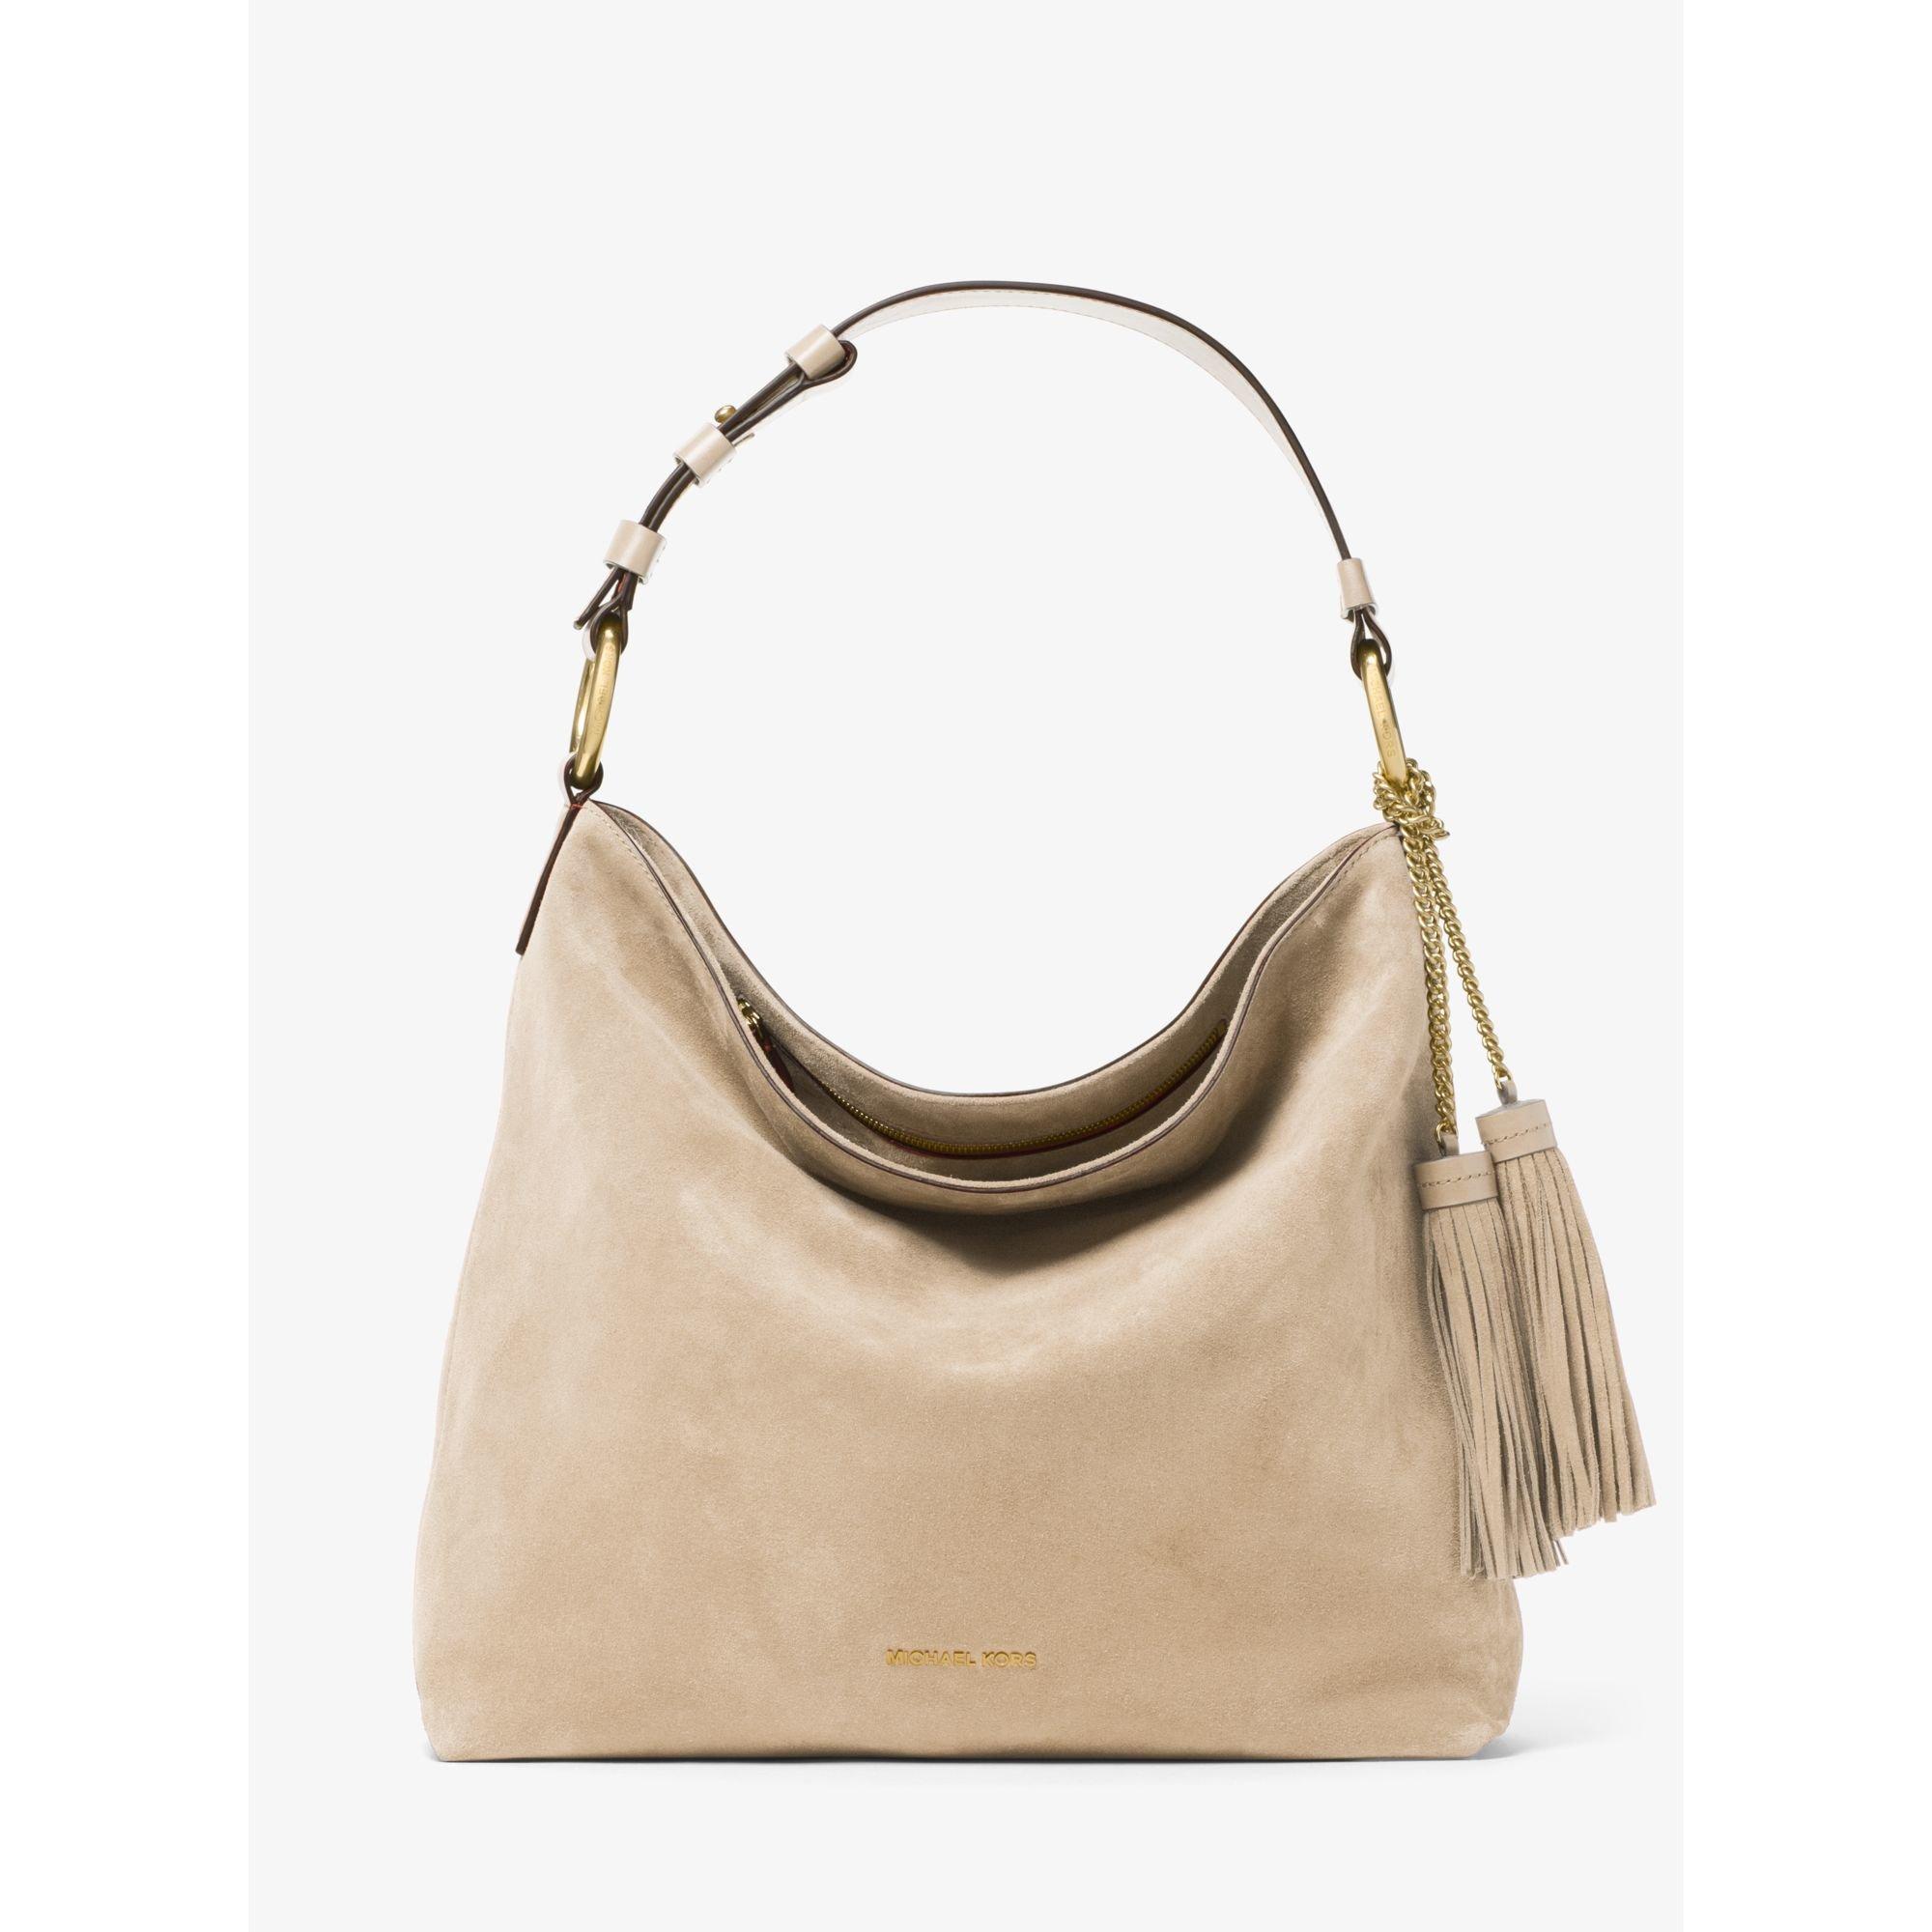 6b9f27d667 Lyst - Michael Kors Elyse Large Suede Shoulder Bag in Natural